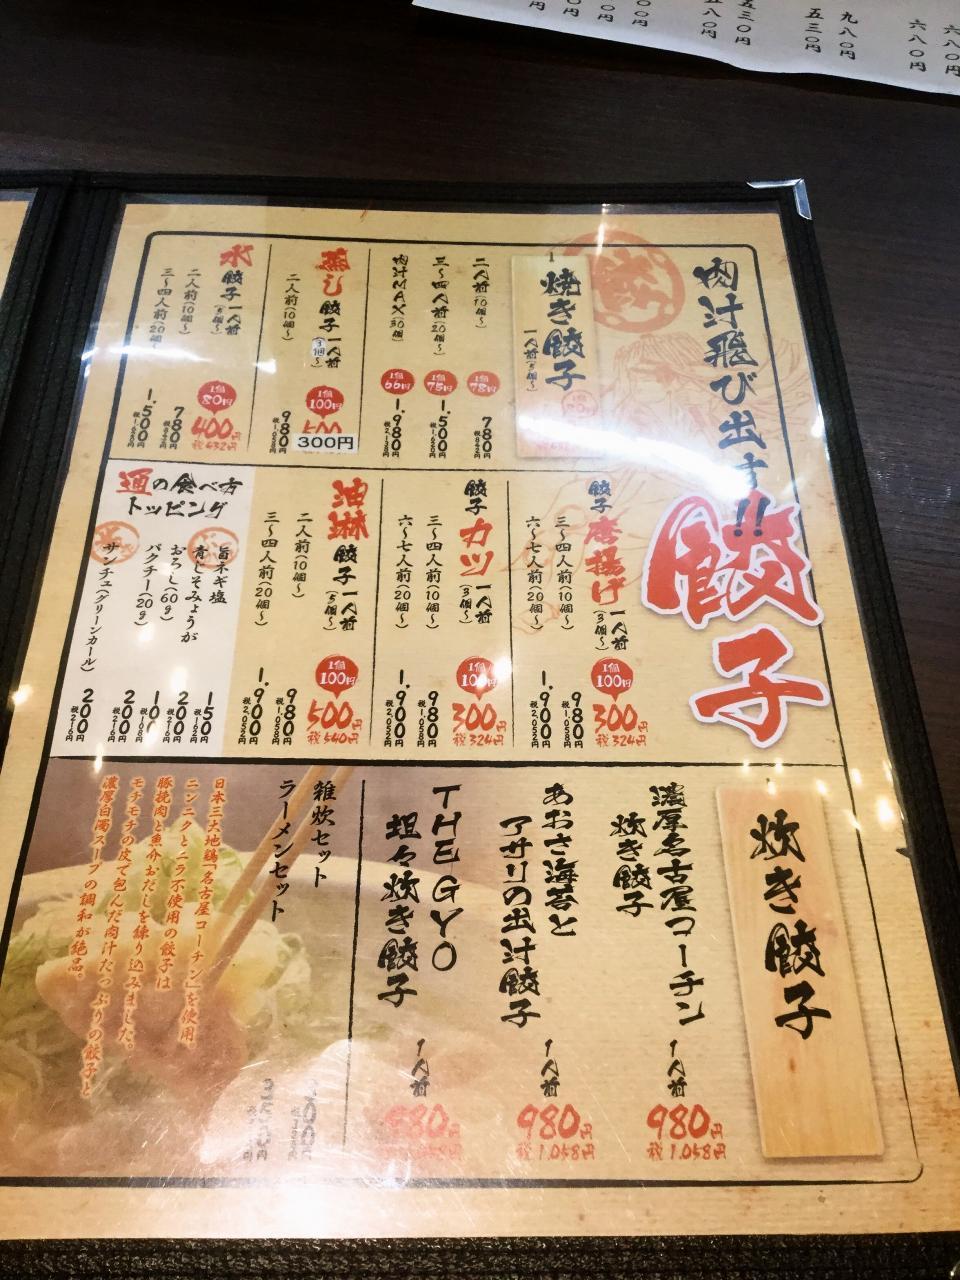 肉餃子専門店 THE GYO 川崎店(メニュー)